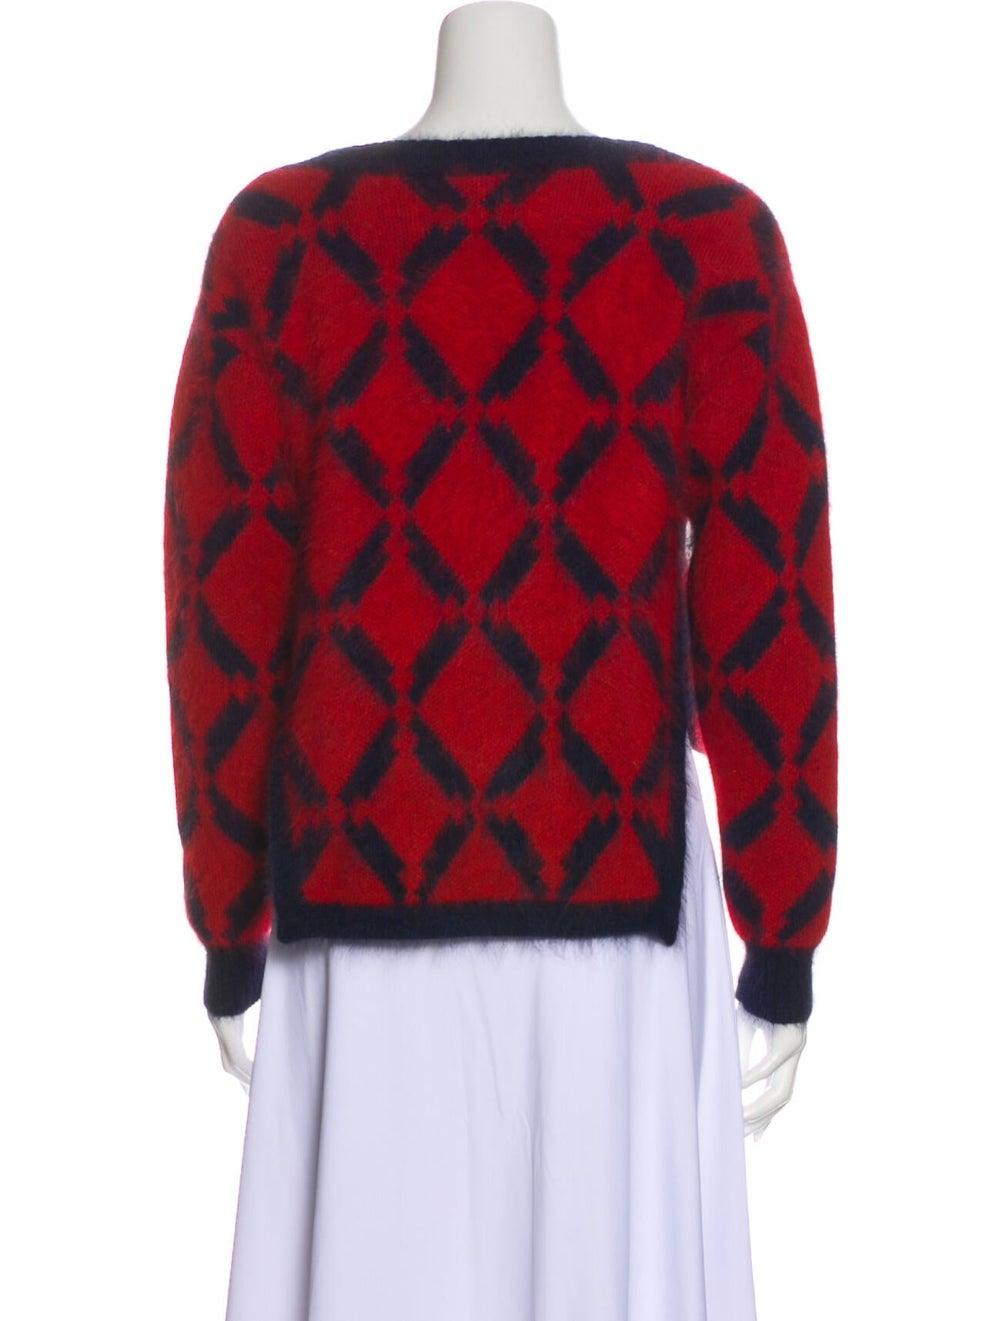 Versace Wool Printed Sweater Wool - image 3